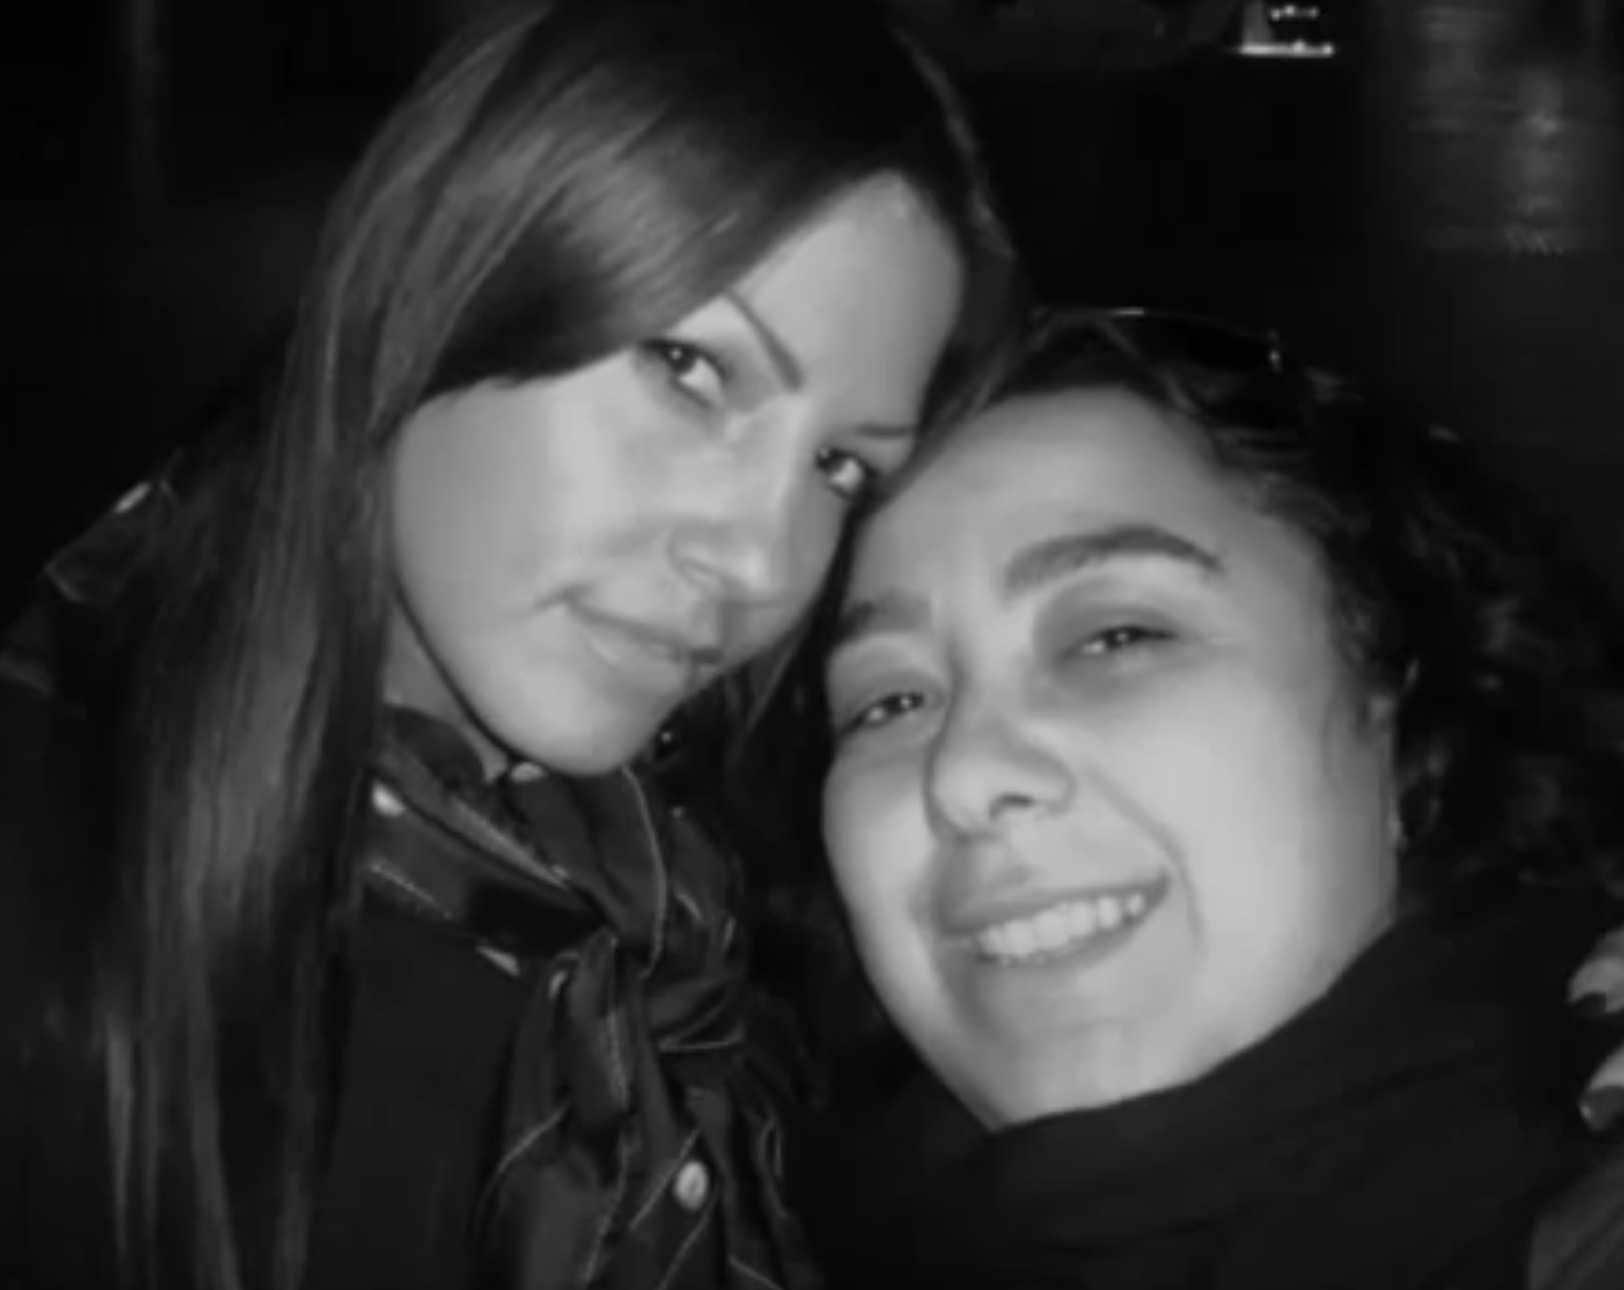 Eliana Michelazzo Pamela Perricciolo Fidanzate 4